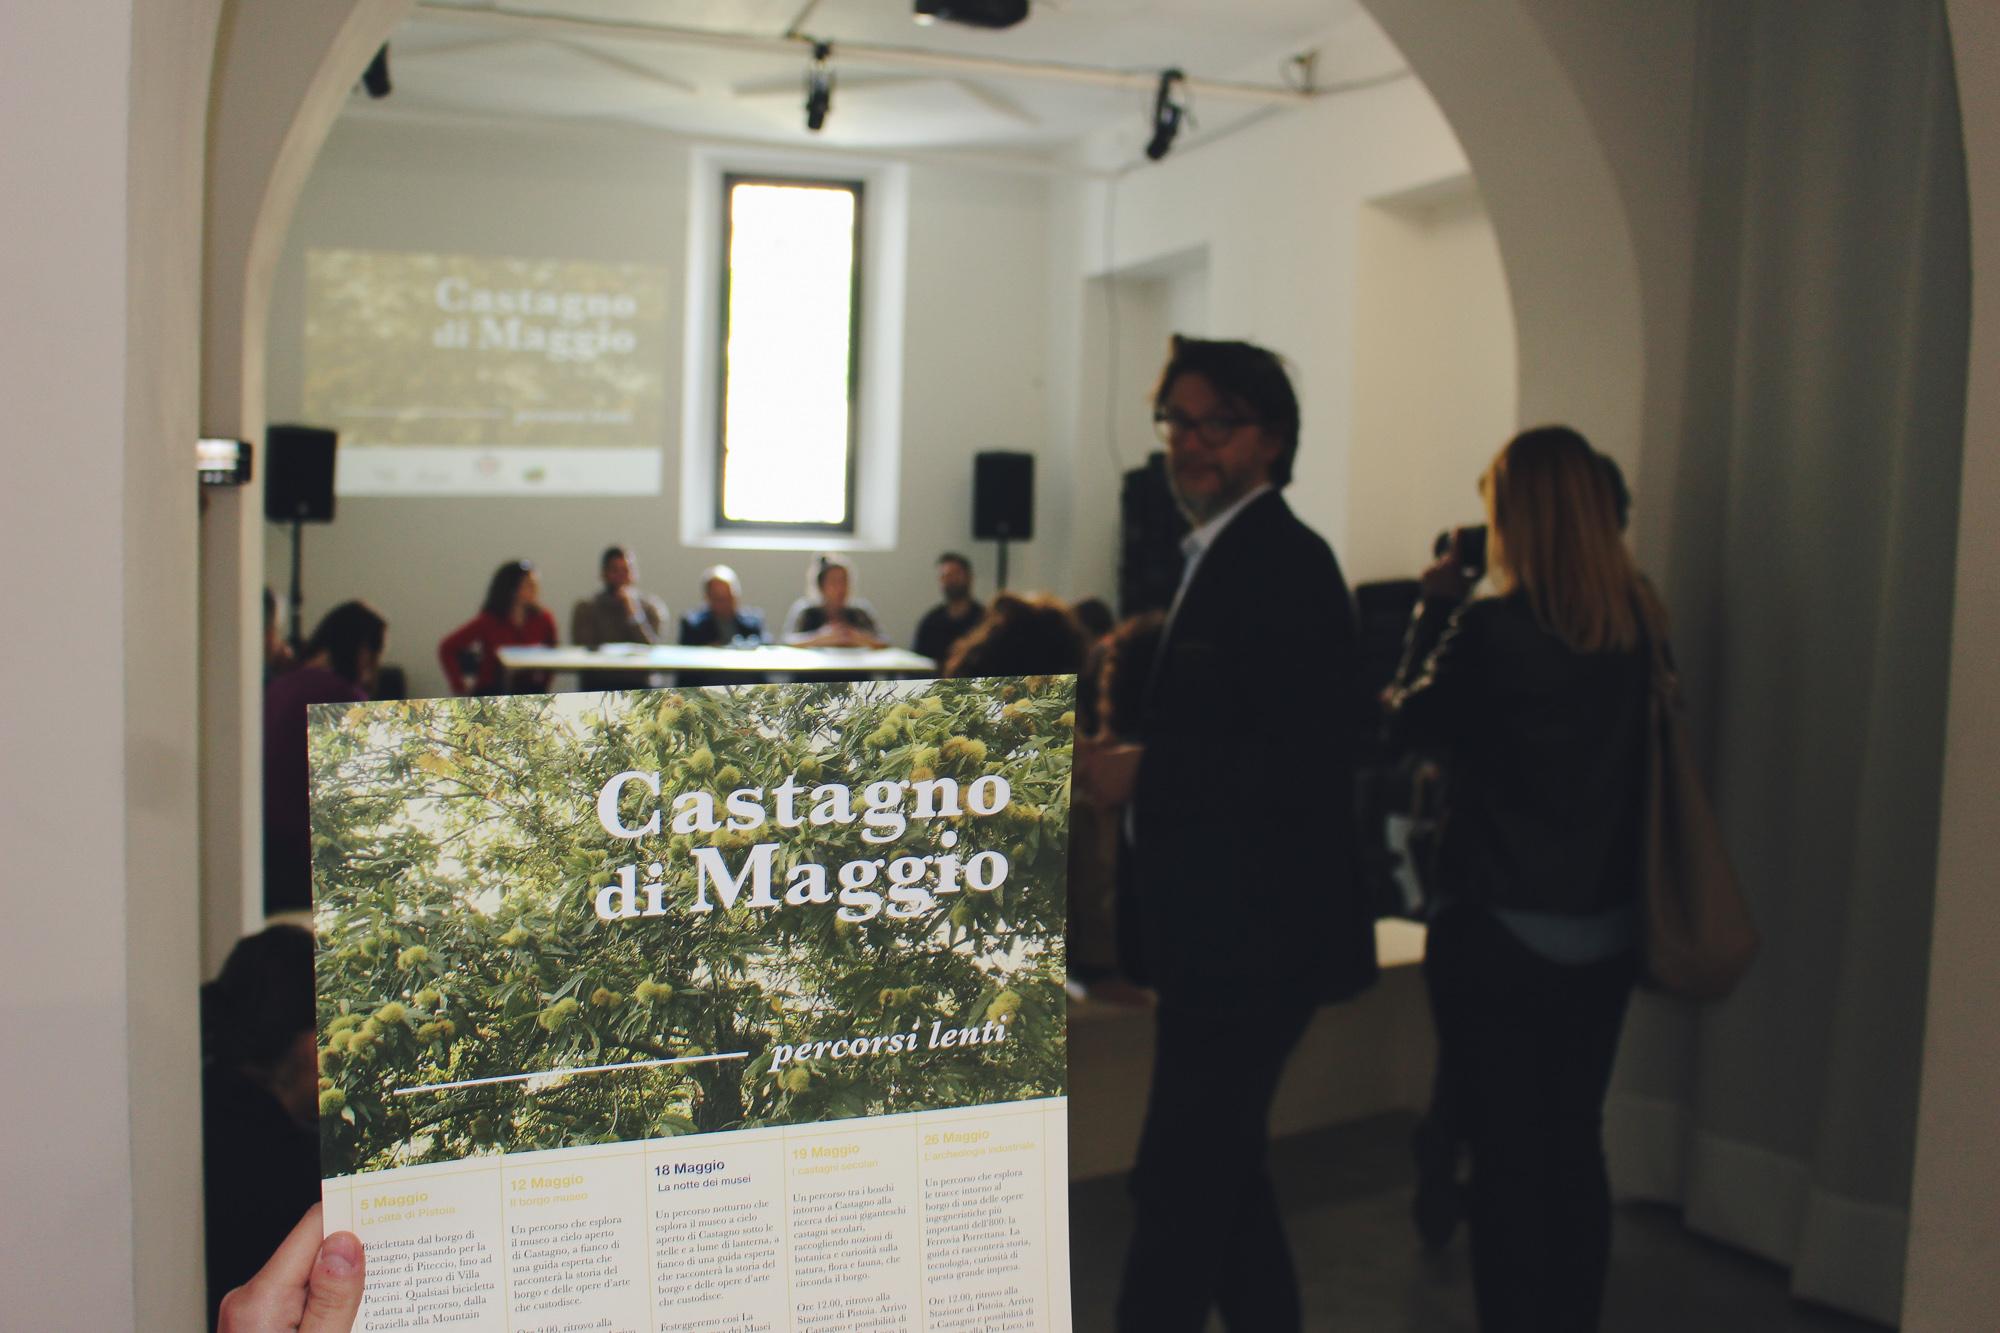 Castagno di Maggio - conferenza stampa - 24 aprile 2019 - 04.jpg